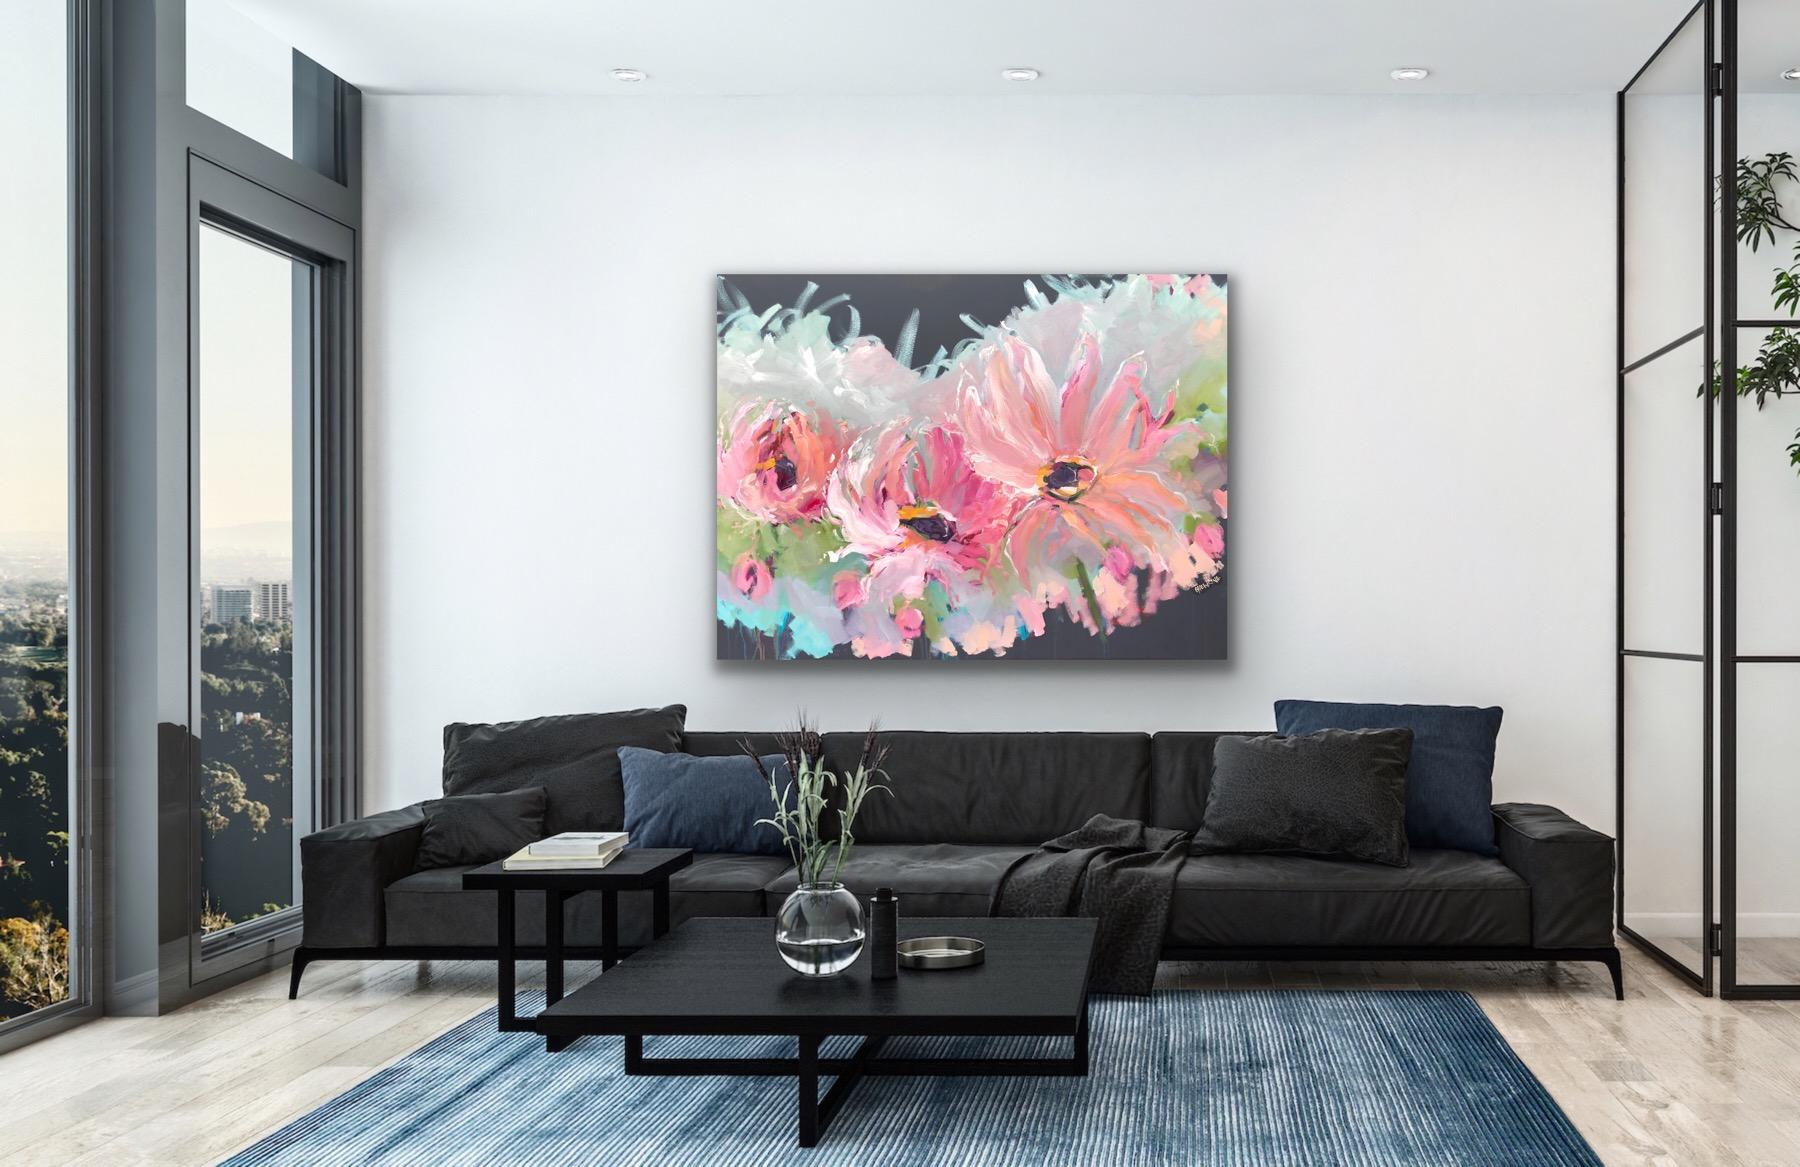 Art Of Love Artrooms 4